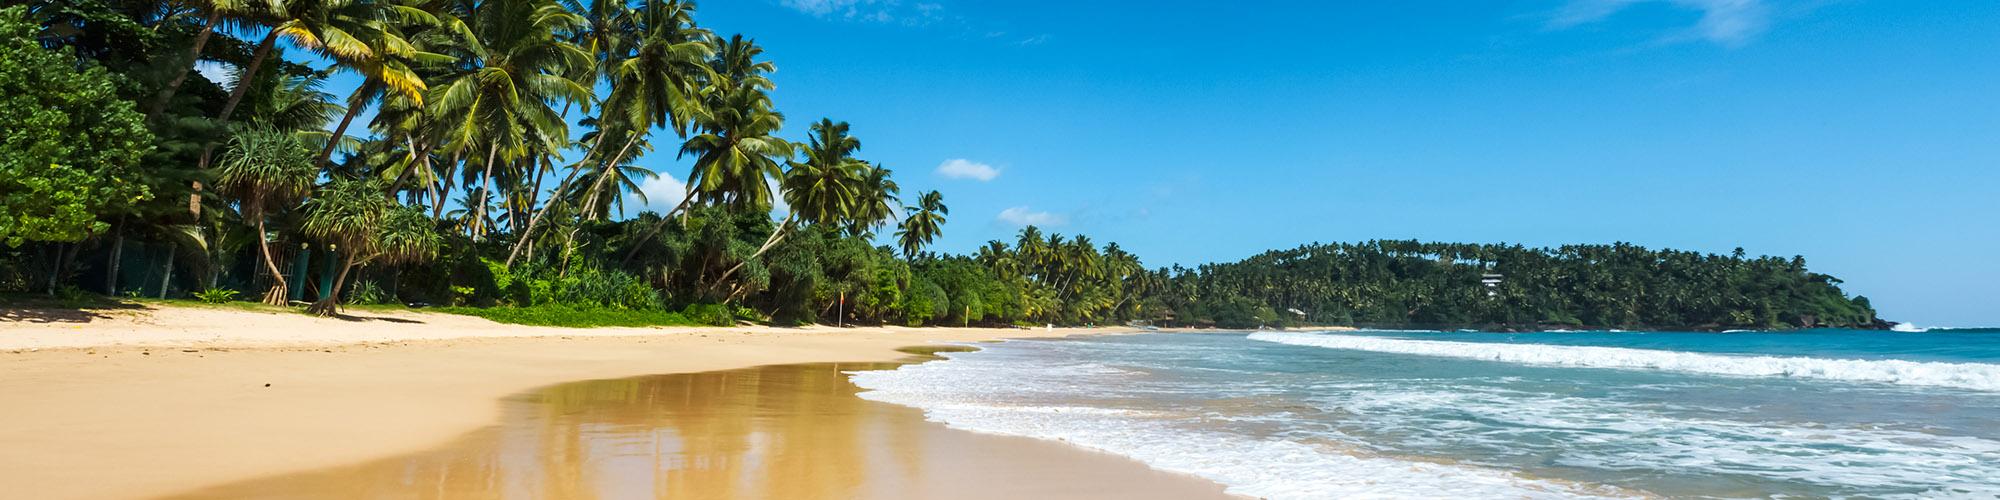 Circuits plage et détente au Sri Lanka